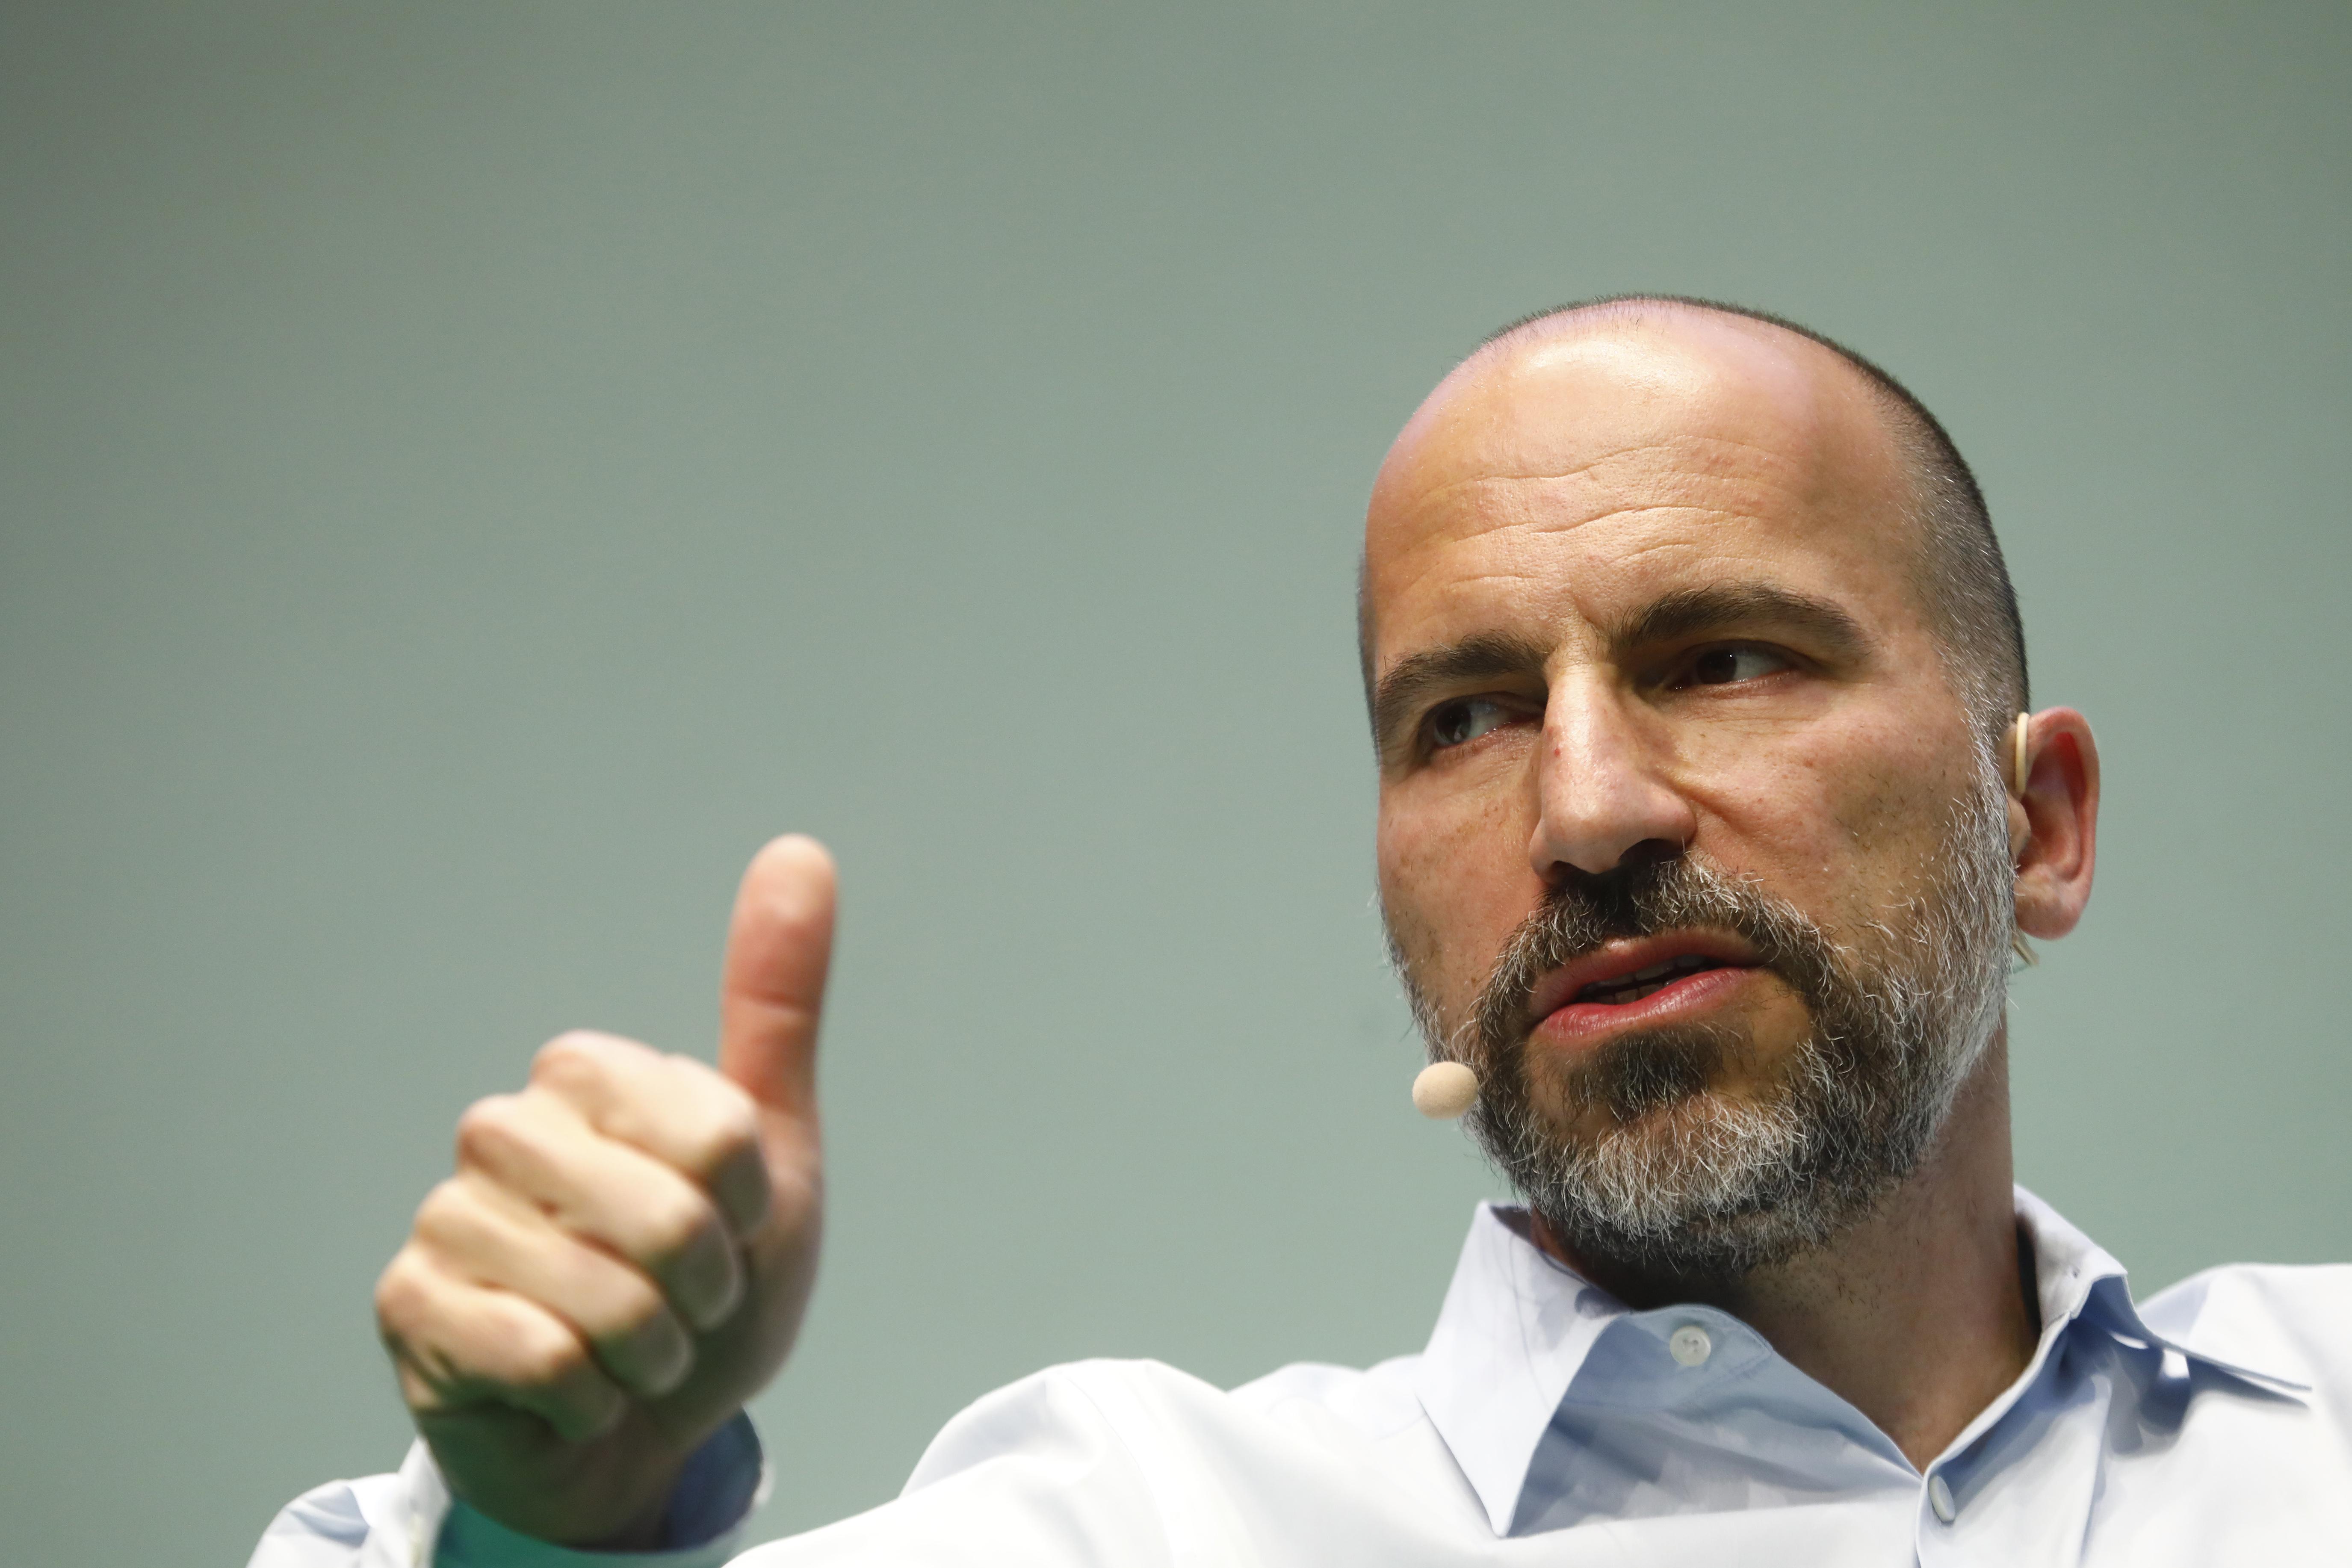 Uber CEO Dara Khosrowshahi gives a thumbs-up gesture